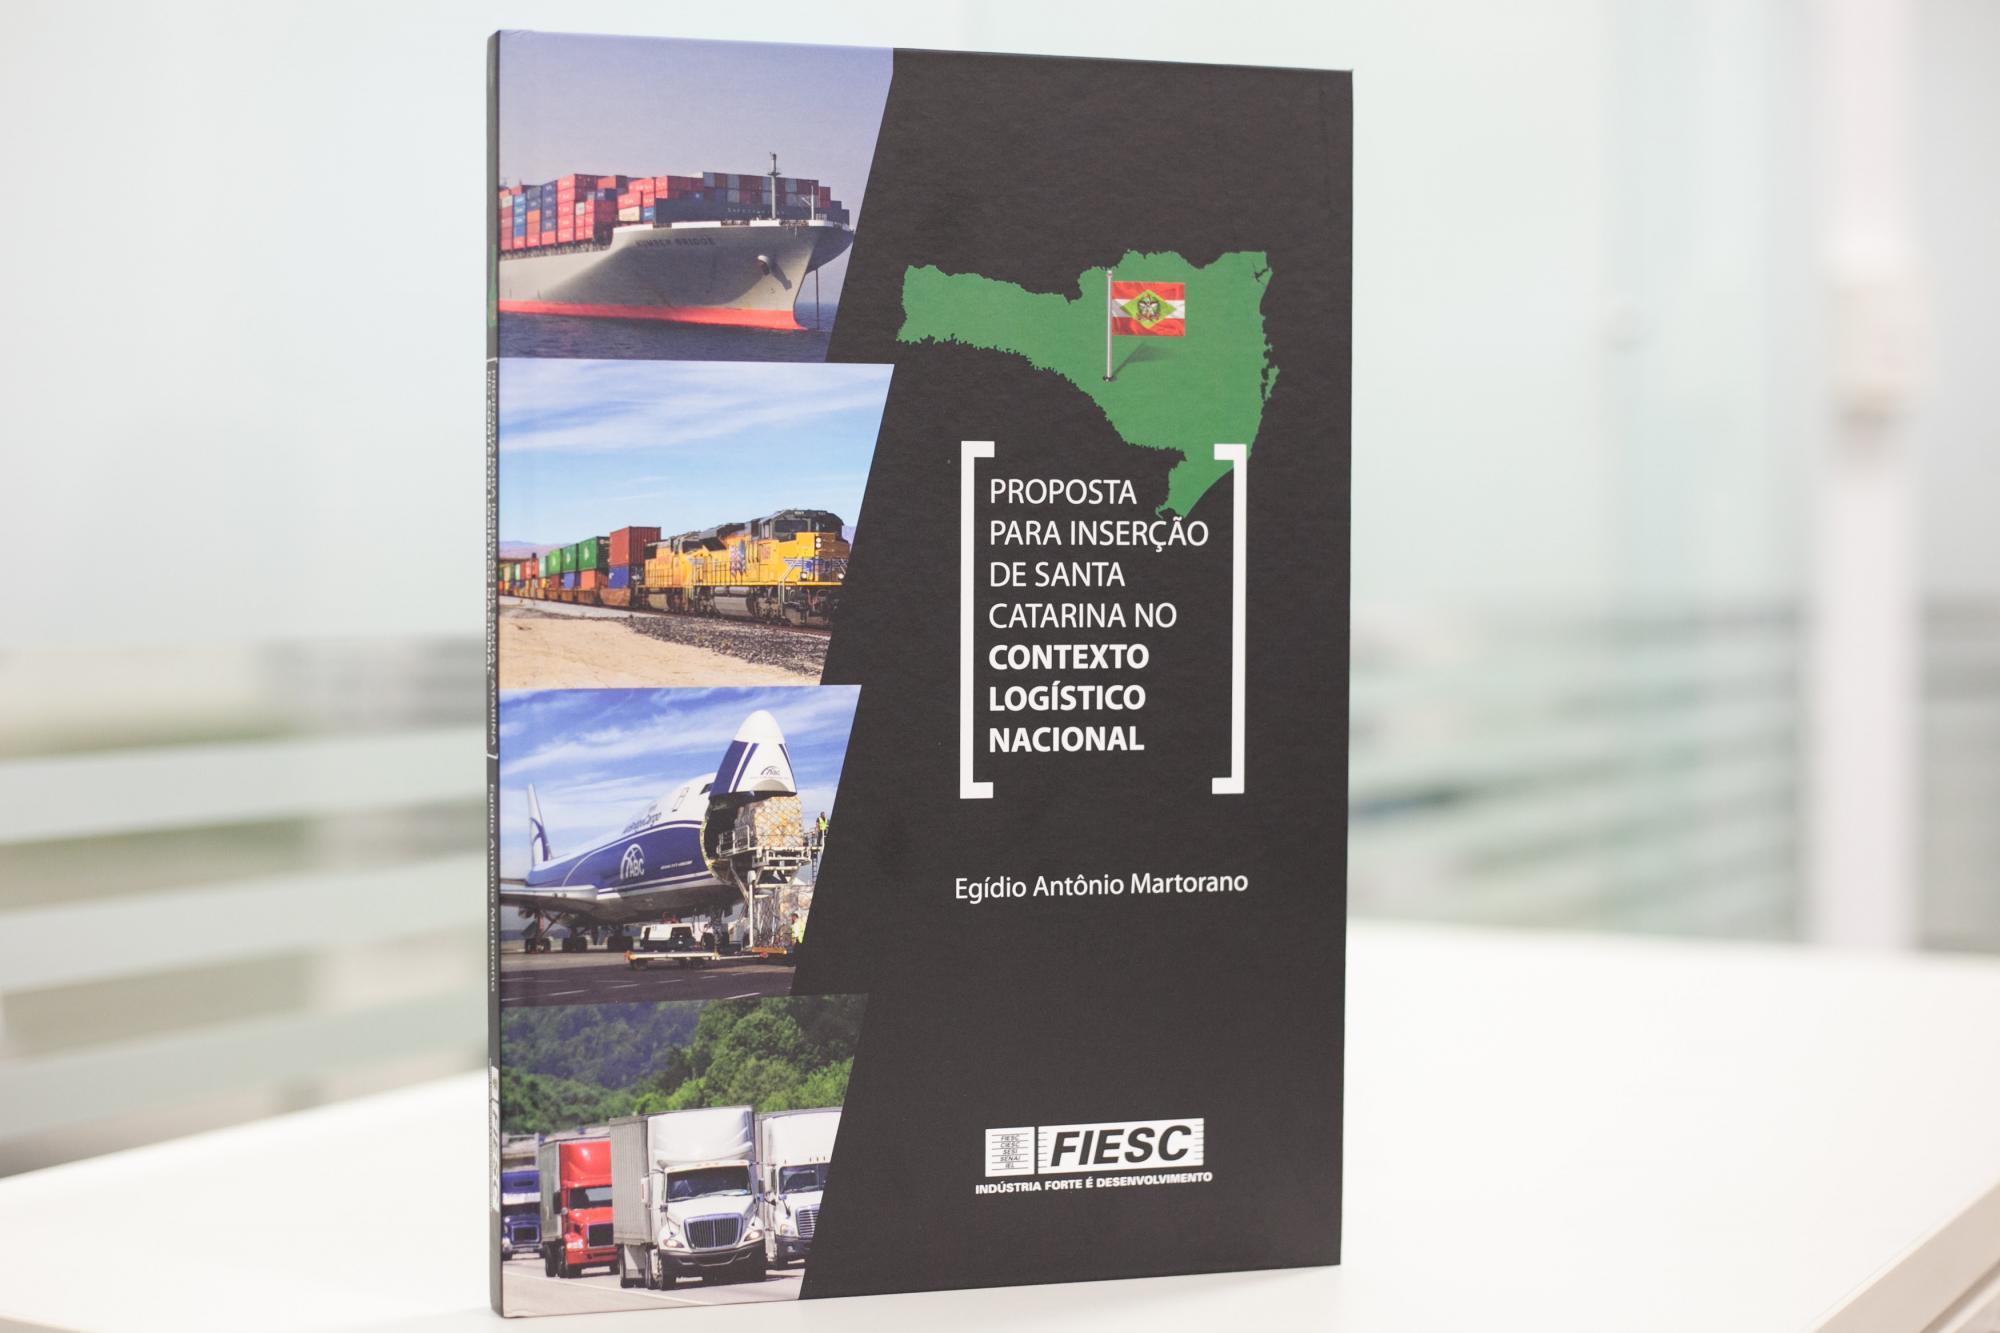 FIESC apresenta na Assembleia proposta para a inserção de SC no plano logístico nacional